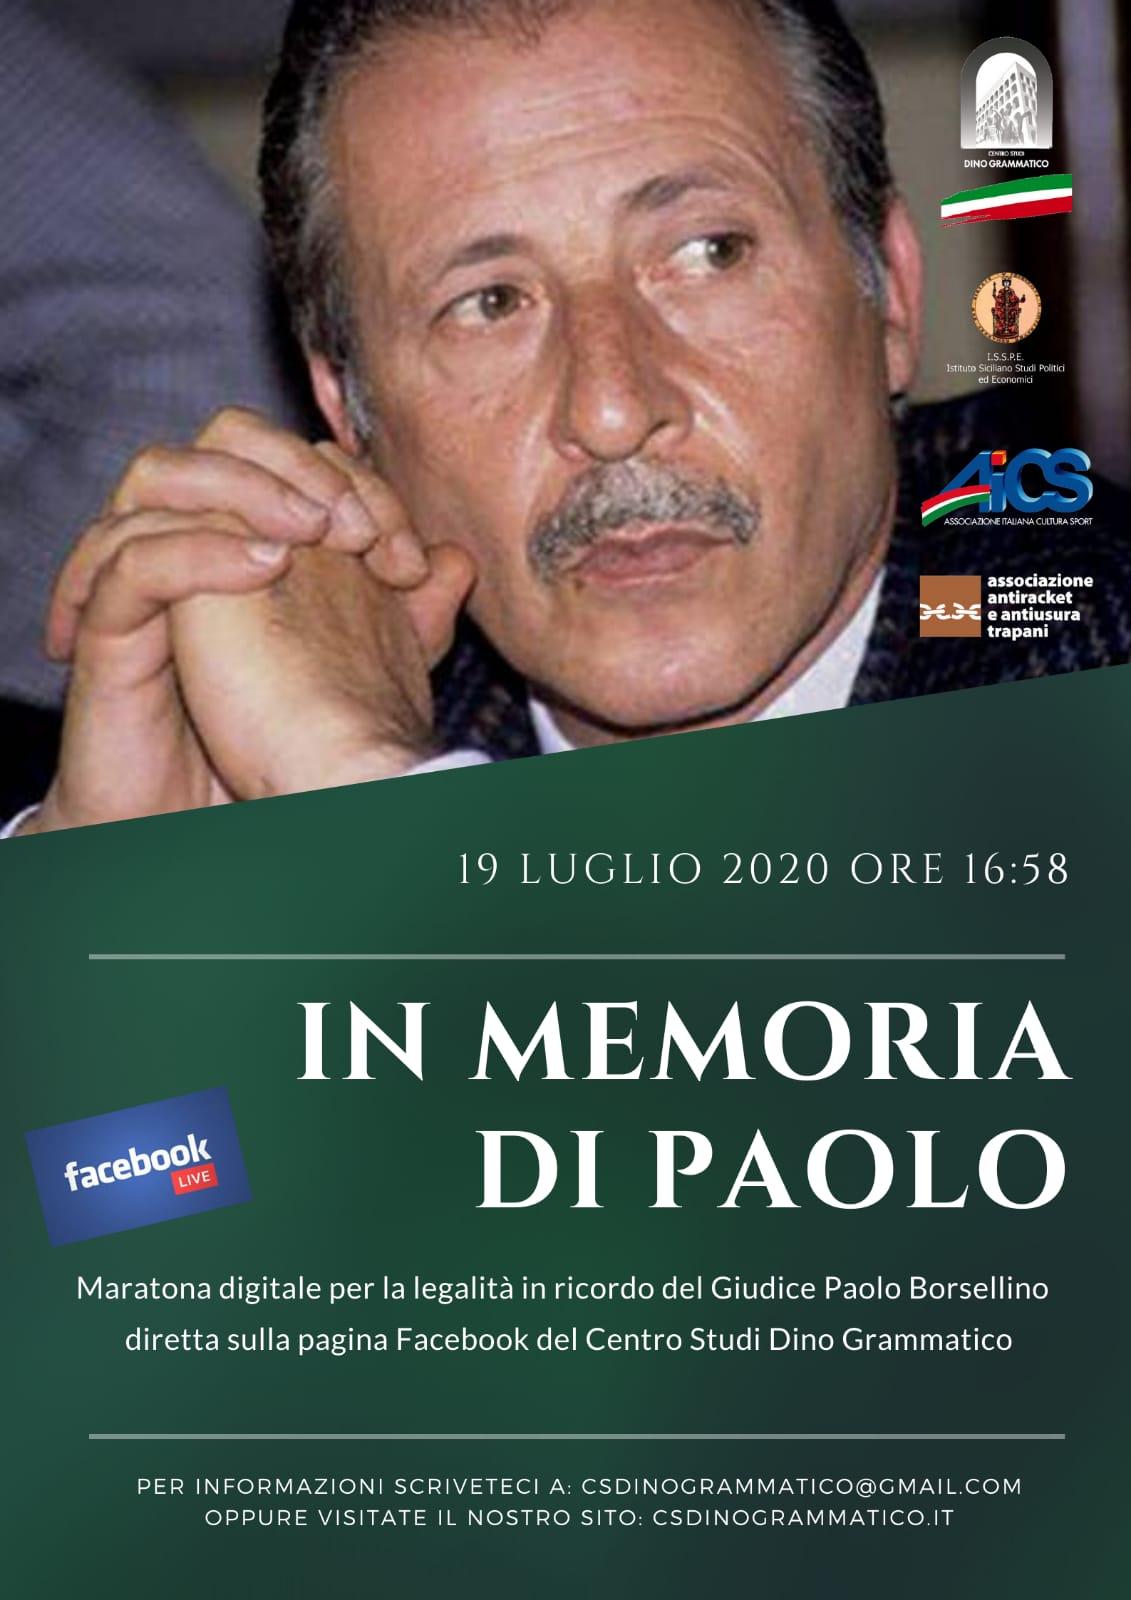 «In memoria di Paolo» una maratona digitale per ricordare il Giudice Borsellino.